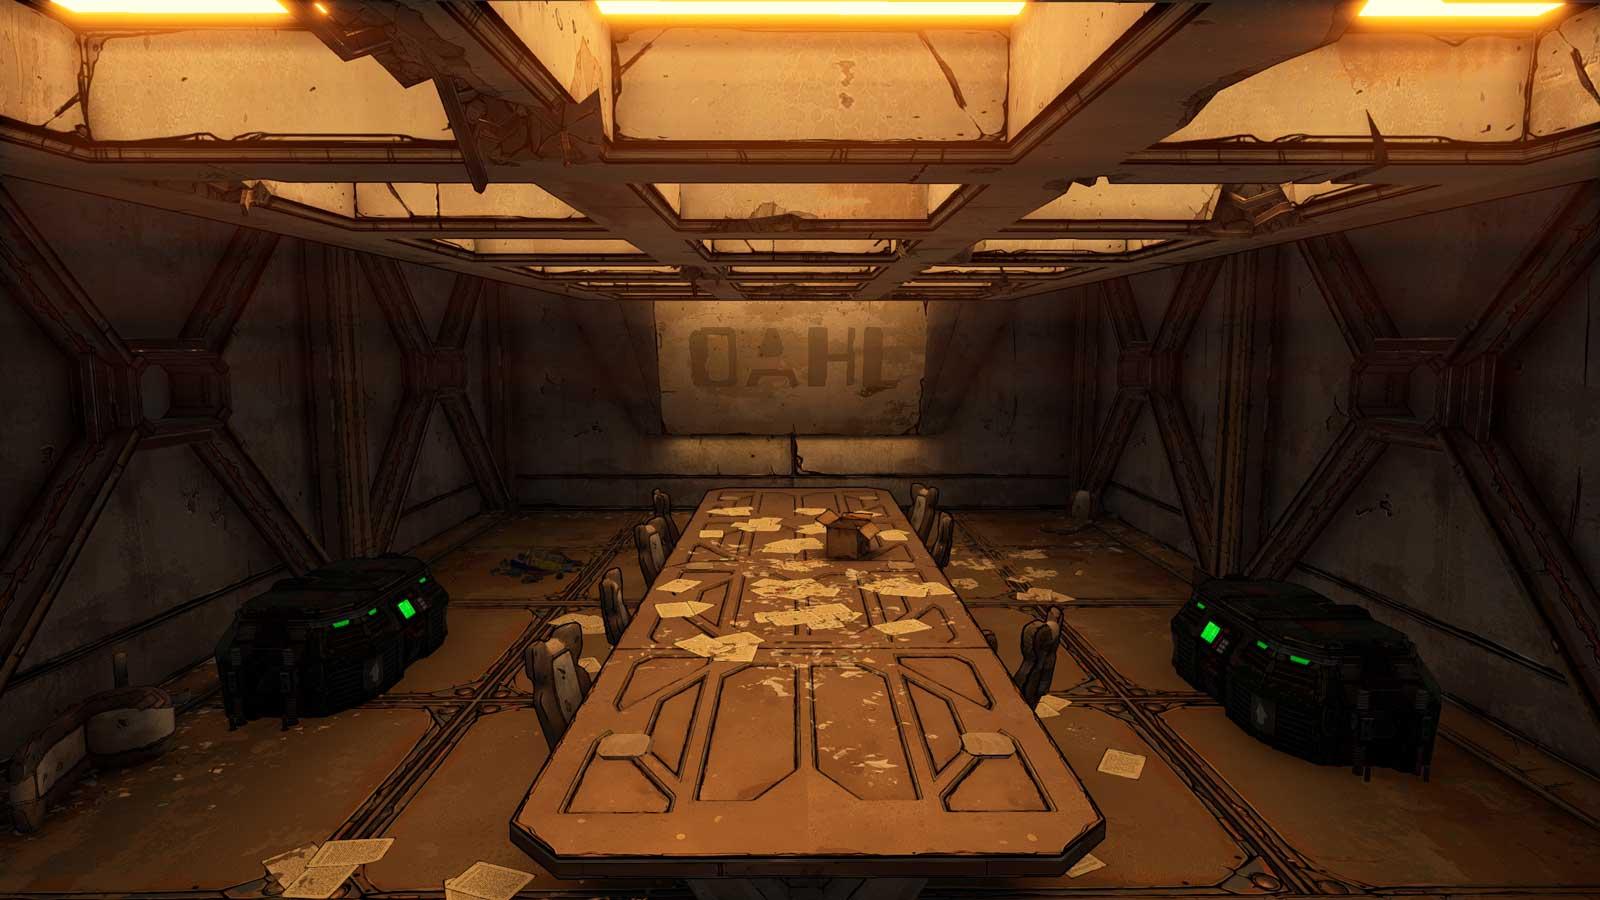 The Hunker Bunker